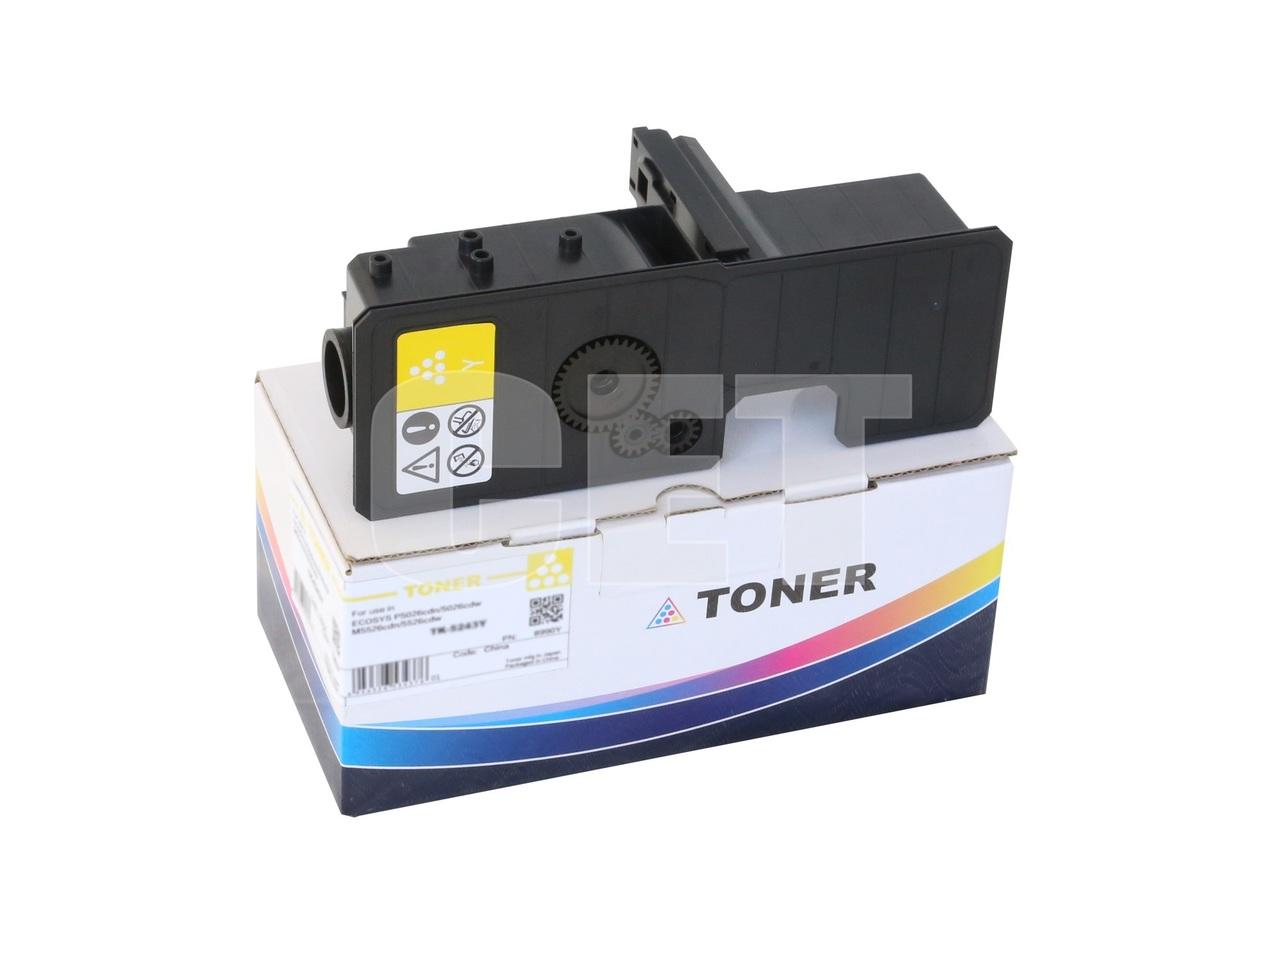 Тонер-картридж (PK208) TK-5230Y для KYOCERA ECOSYSP5021cdn/M5521cdn (CET) Yellow, 33г, 2200 стр., CET8995Y